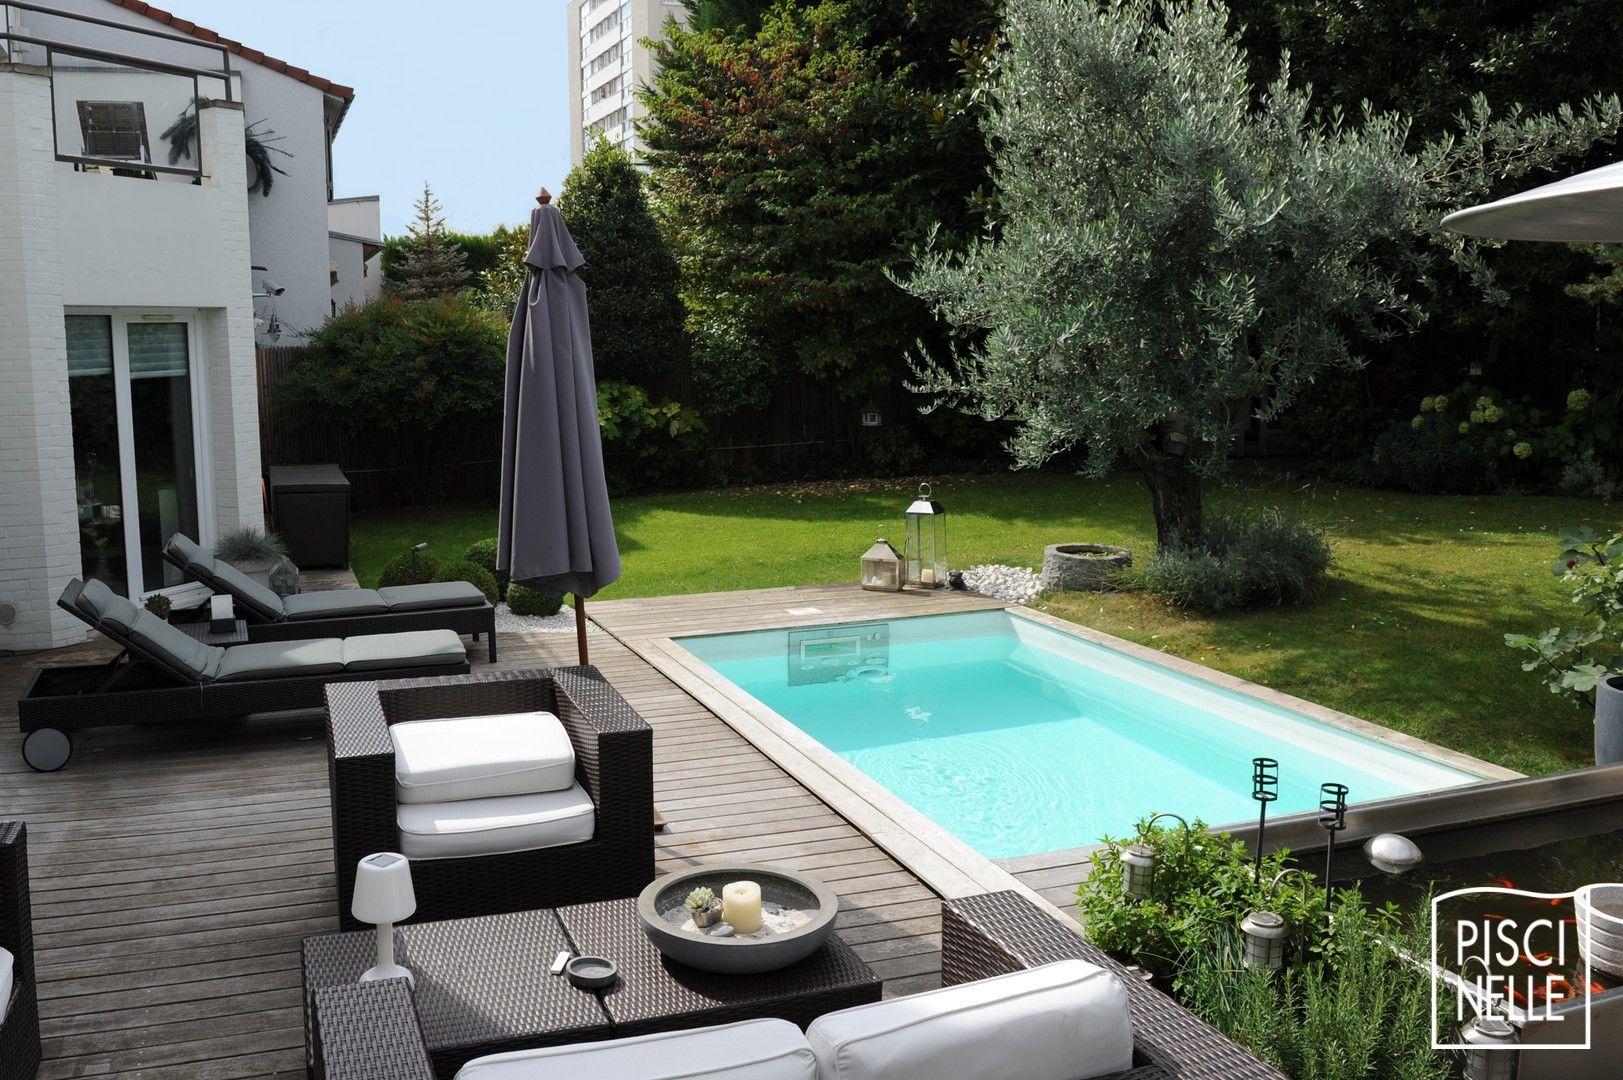 Constructeur De Piscine Paris piscinelle : fabricant de piscine haut de gamme en région